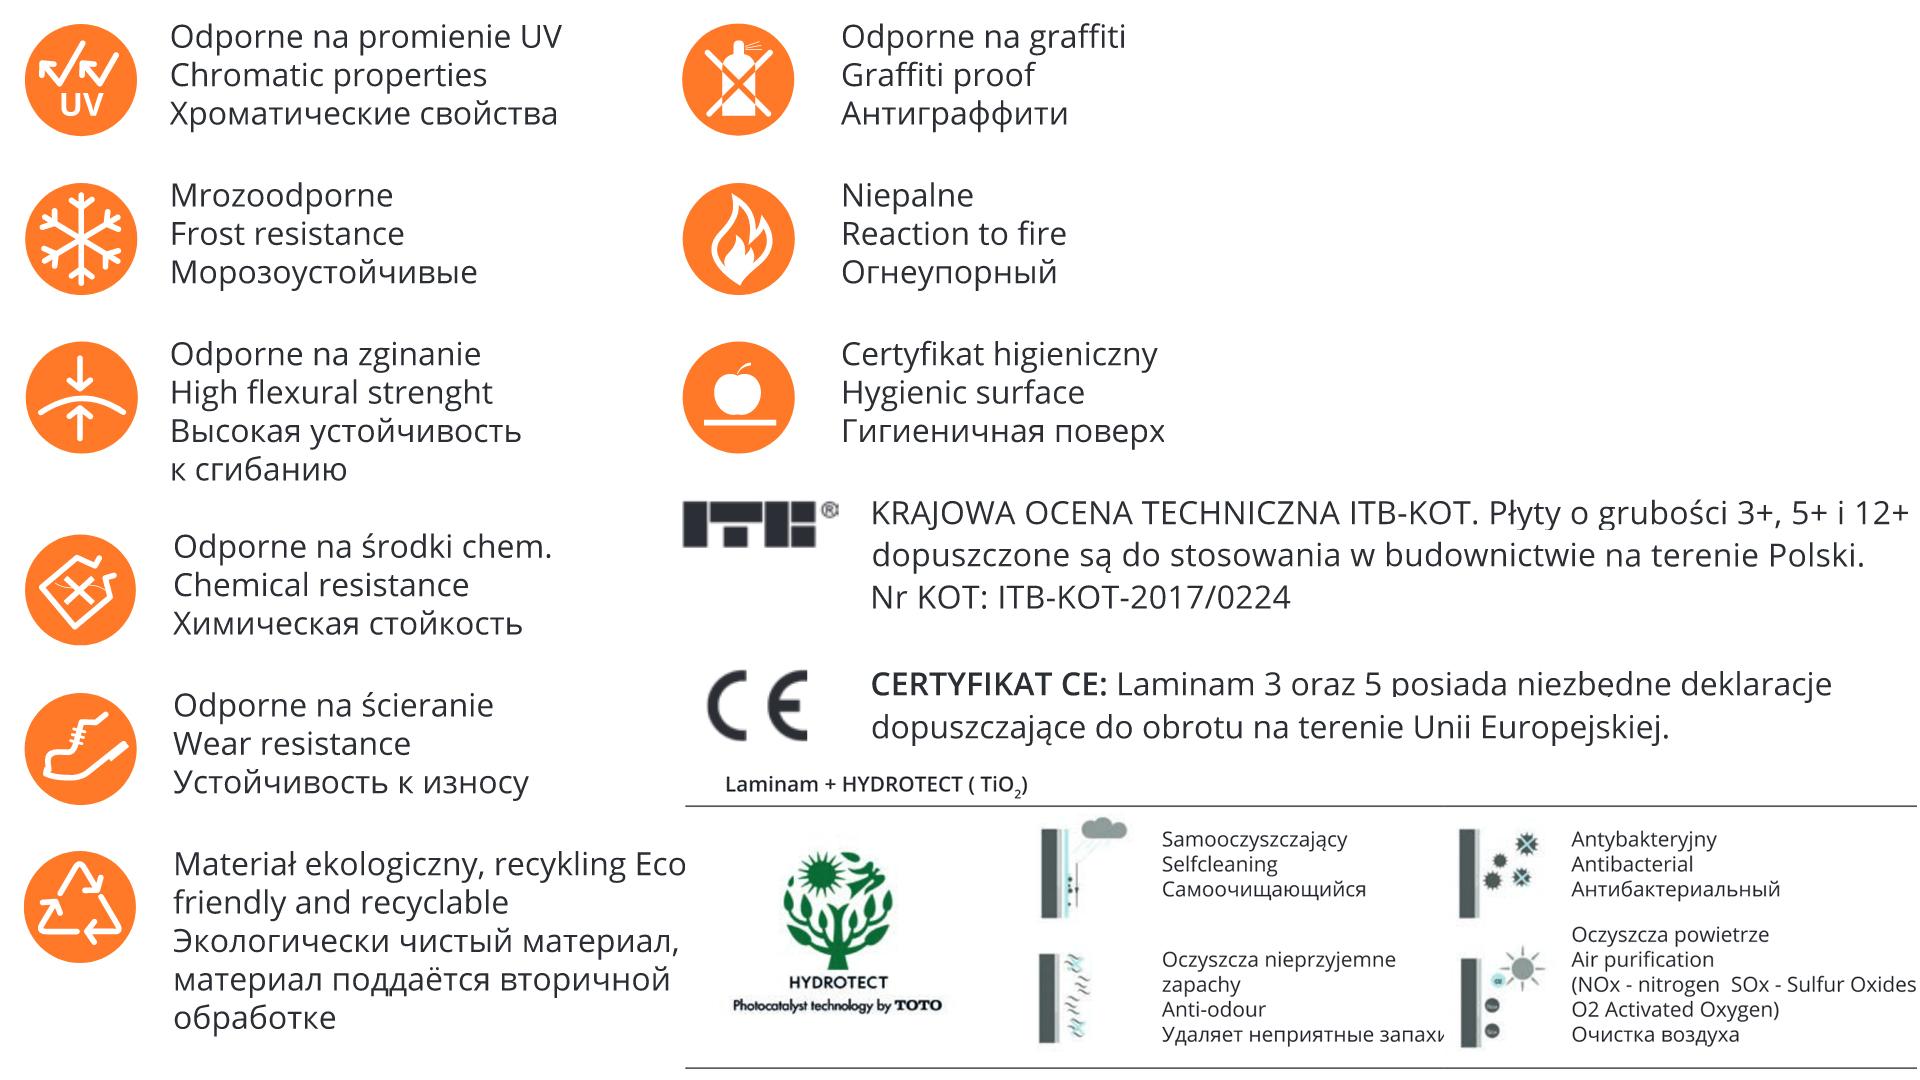 Właściwości fizyczne-chemiczne-Laminam